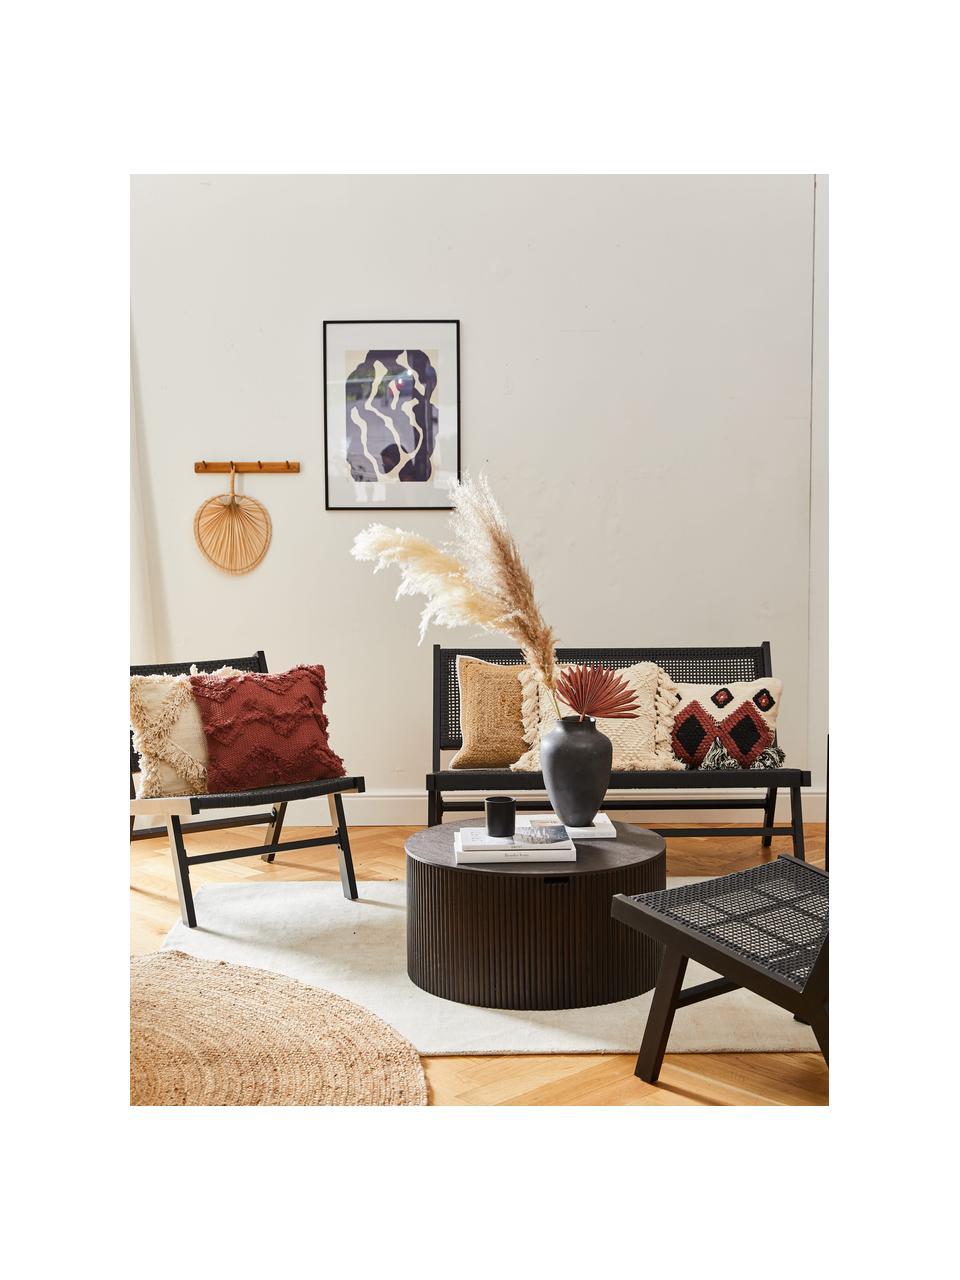 Gartenbank Palina mit Kunststoff-Geflecht in Schwarz, Gestell: Metall, pulverbeschichtet, Sitzfläche: Kunststoff-Geflecht, Schwarz, 121 x 75 cm